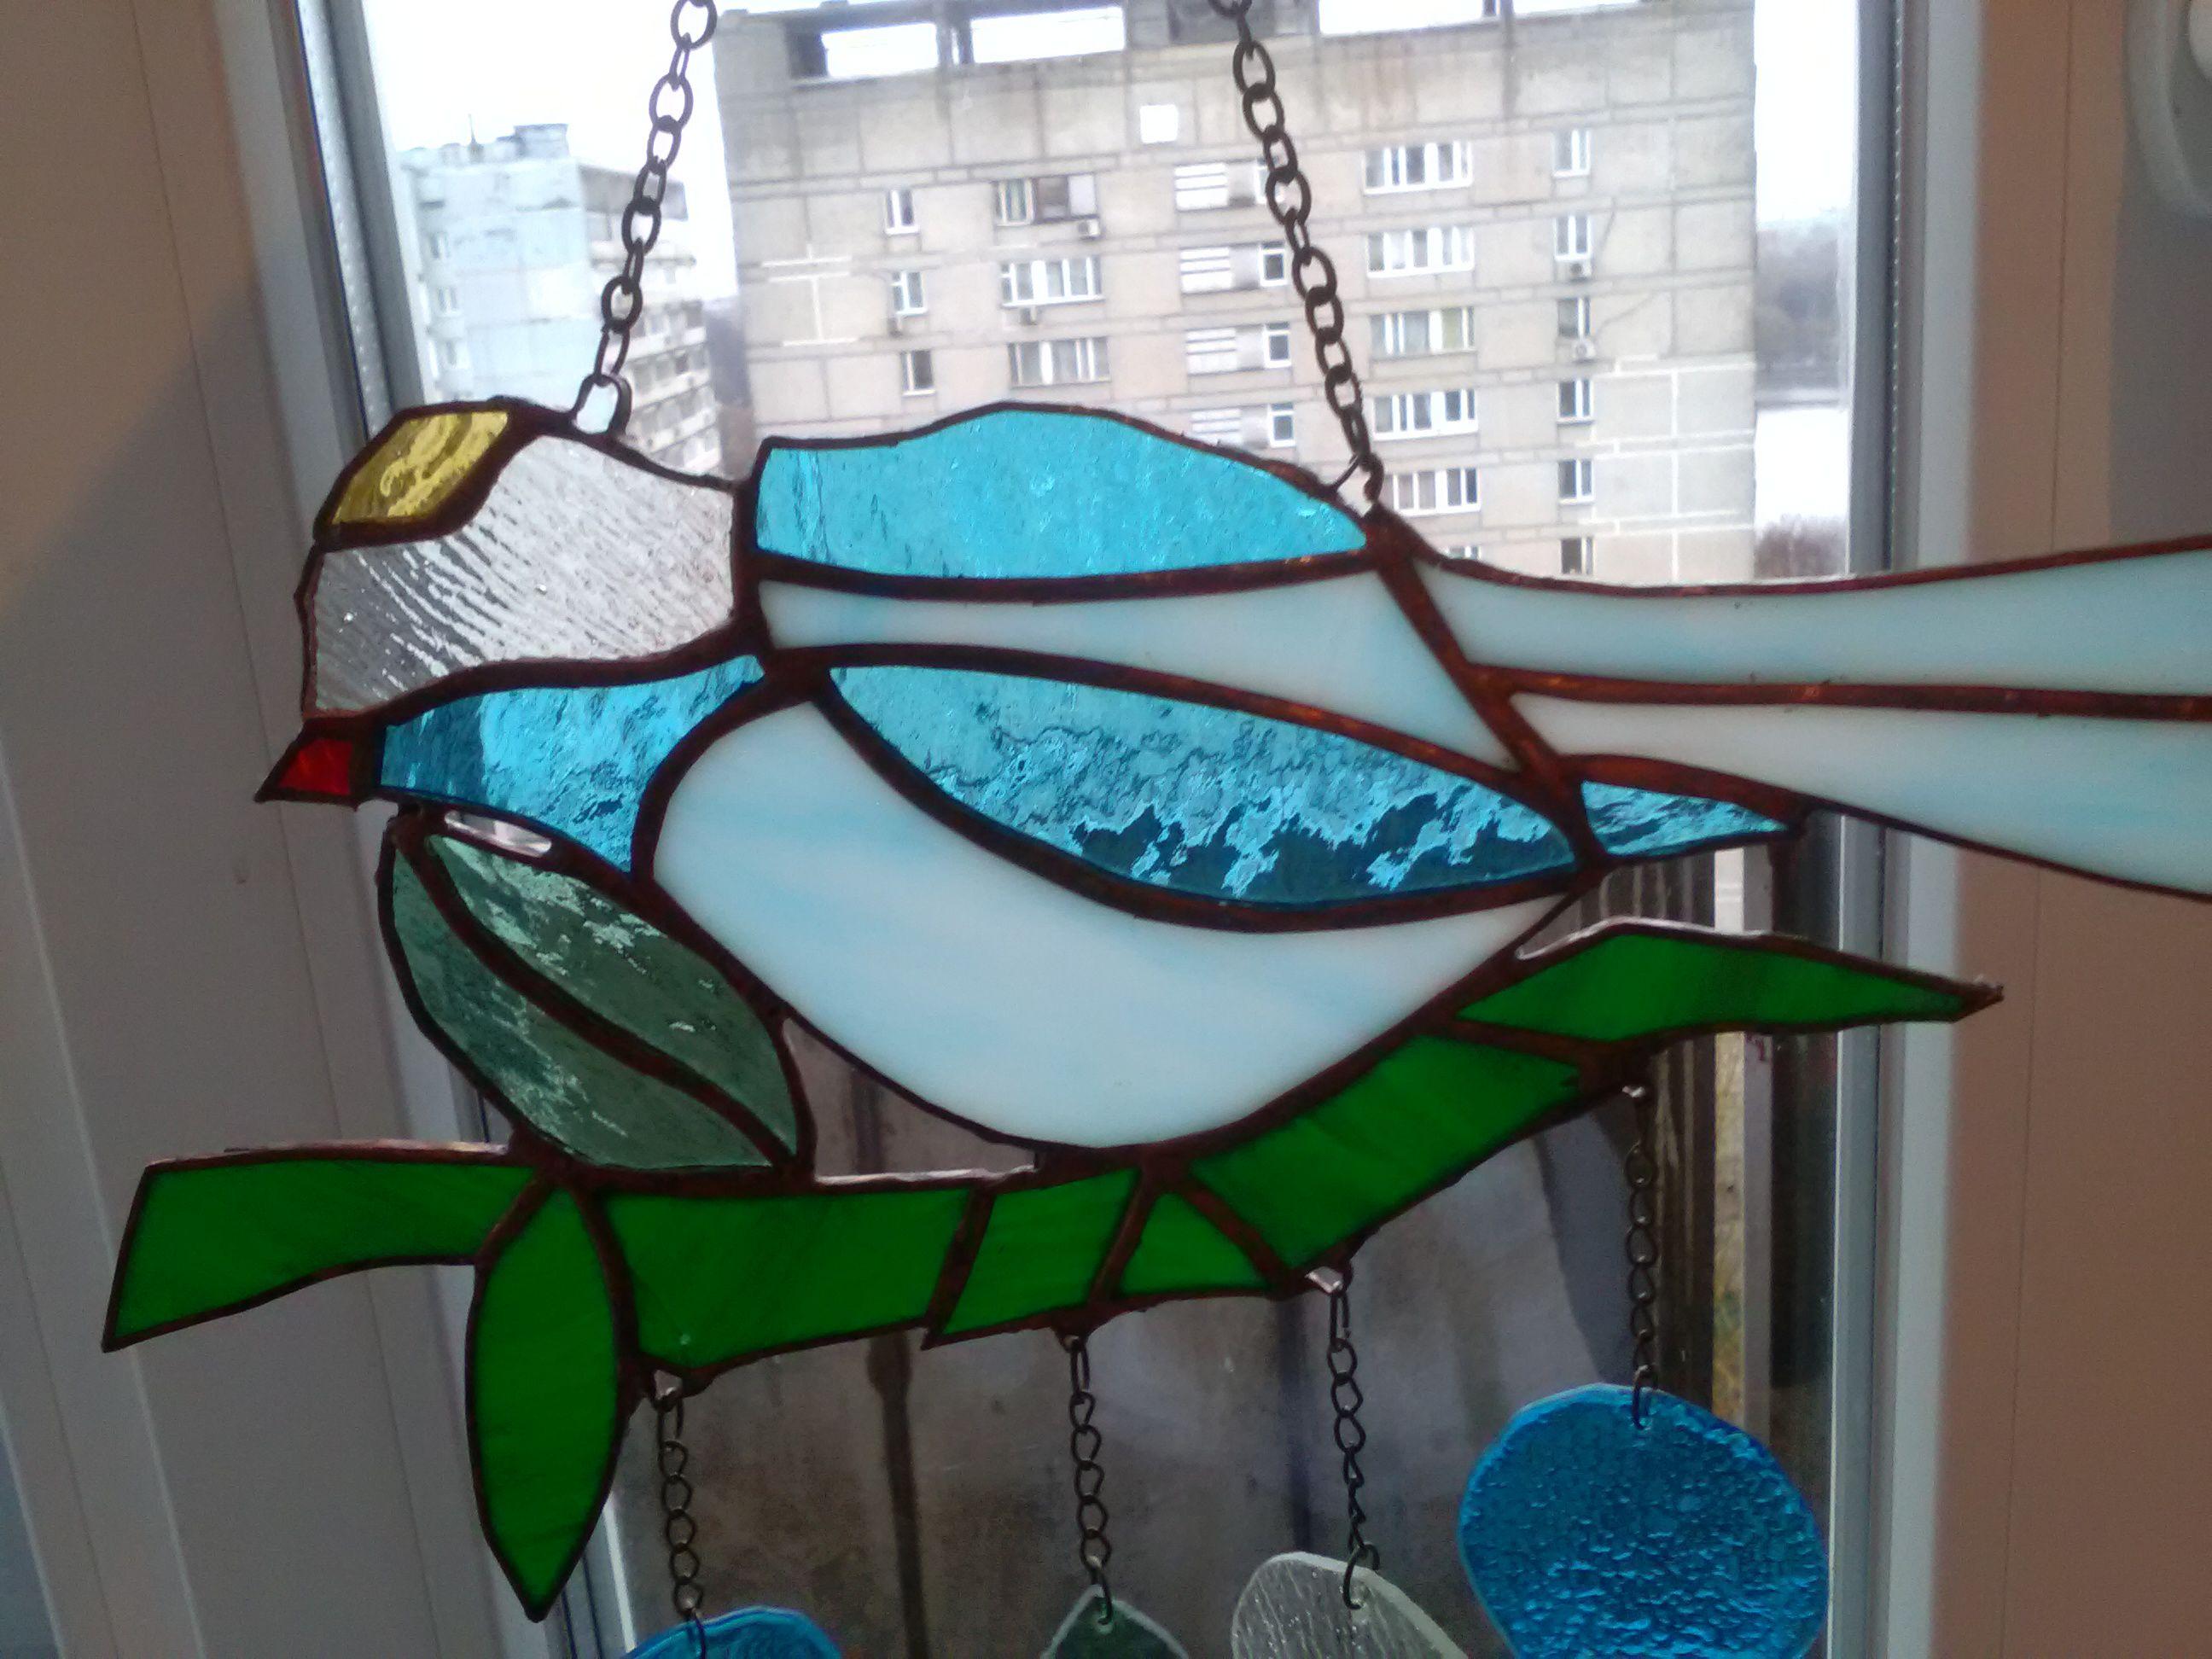 подруге маме день рождения комнату мужчине женщине детскую дома юбилей декор окно красивый эксклюзивный для папе подвеска оригинальный подарок недорого дизайн